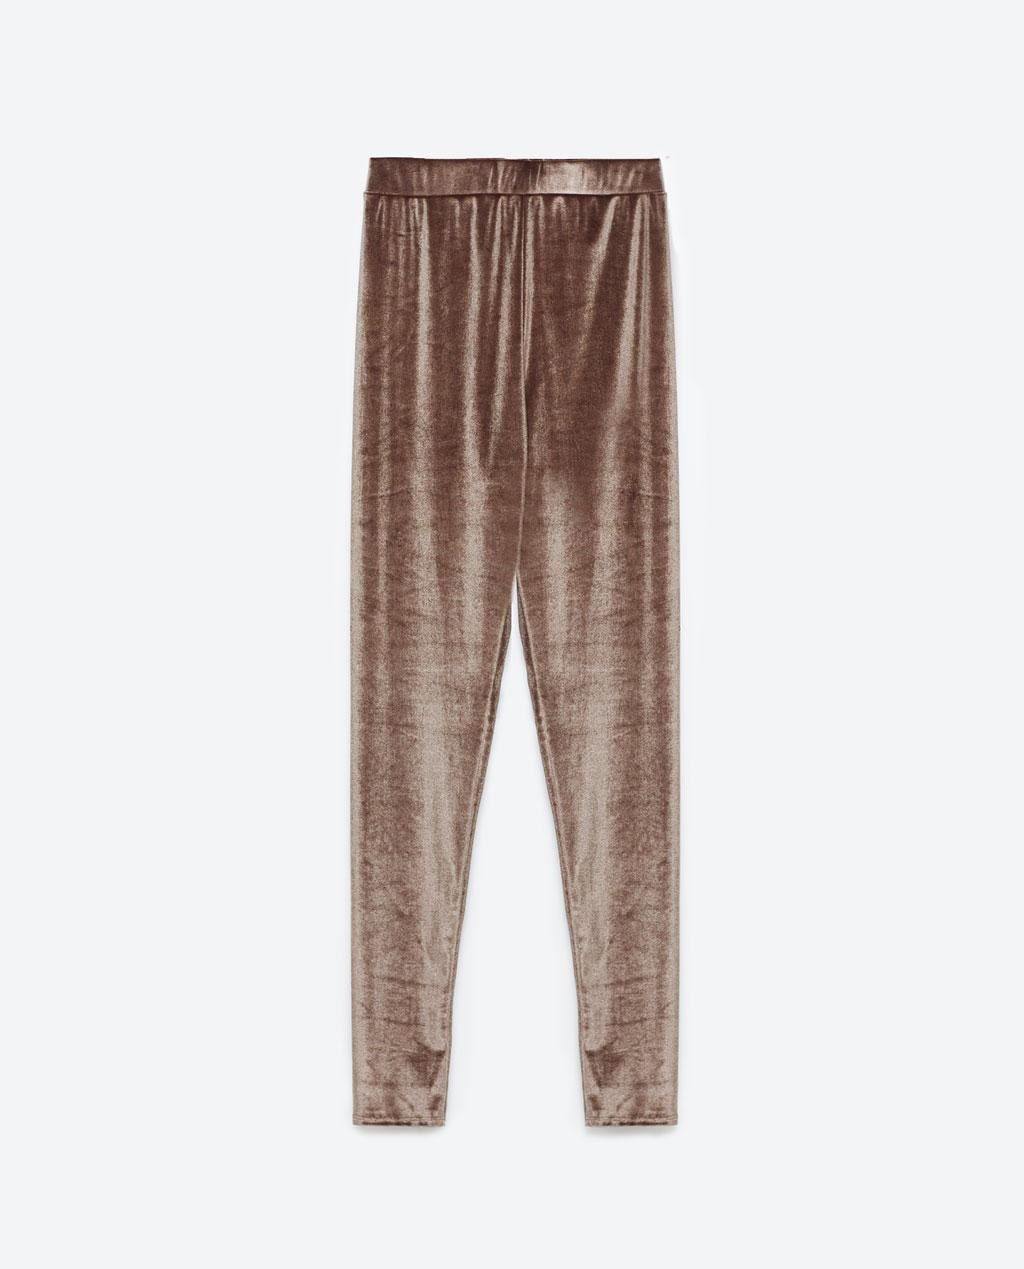 http://www.zara.com/us/en/sale/woman/trousers/view-all/velvet-leggings-c732036p3752099.html